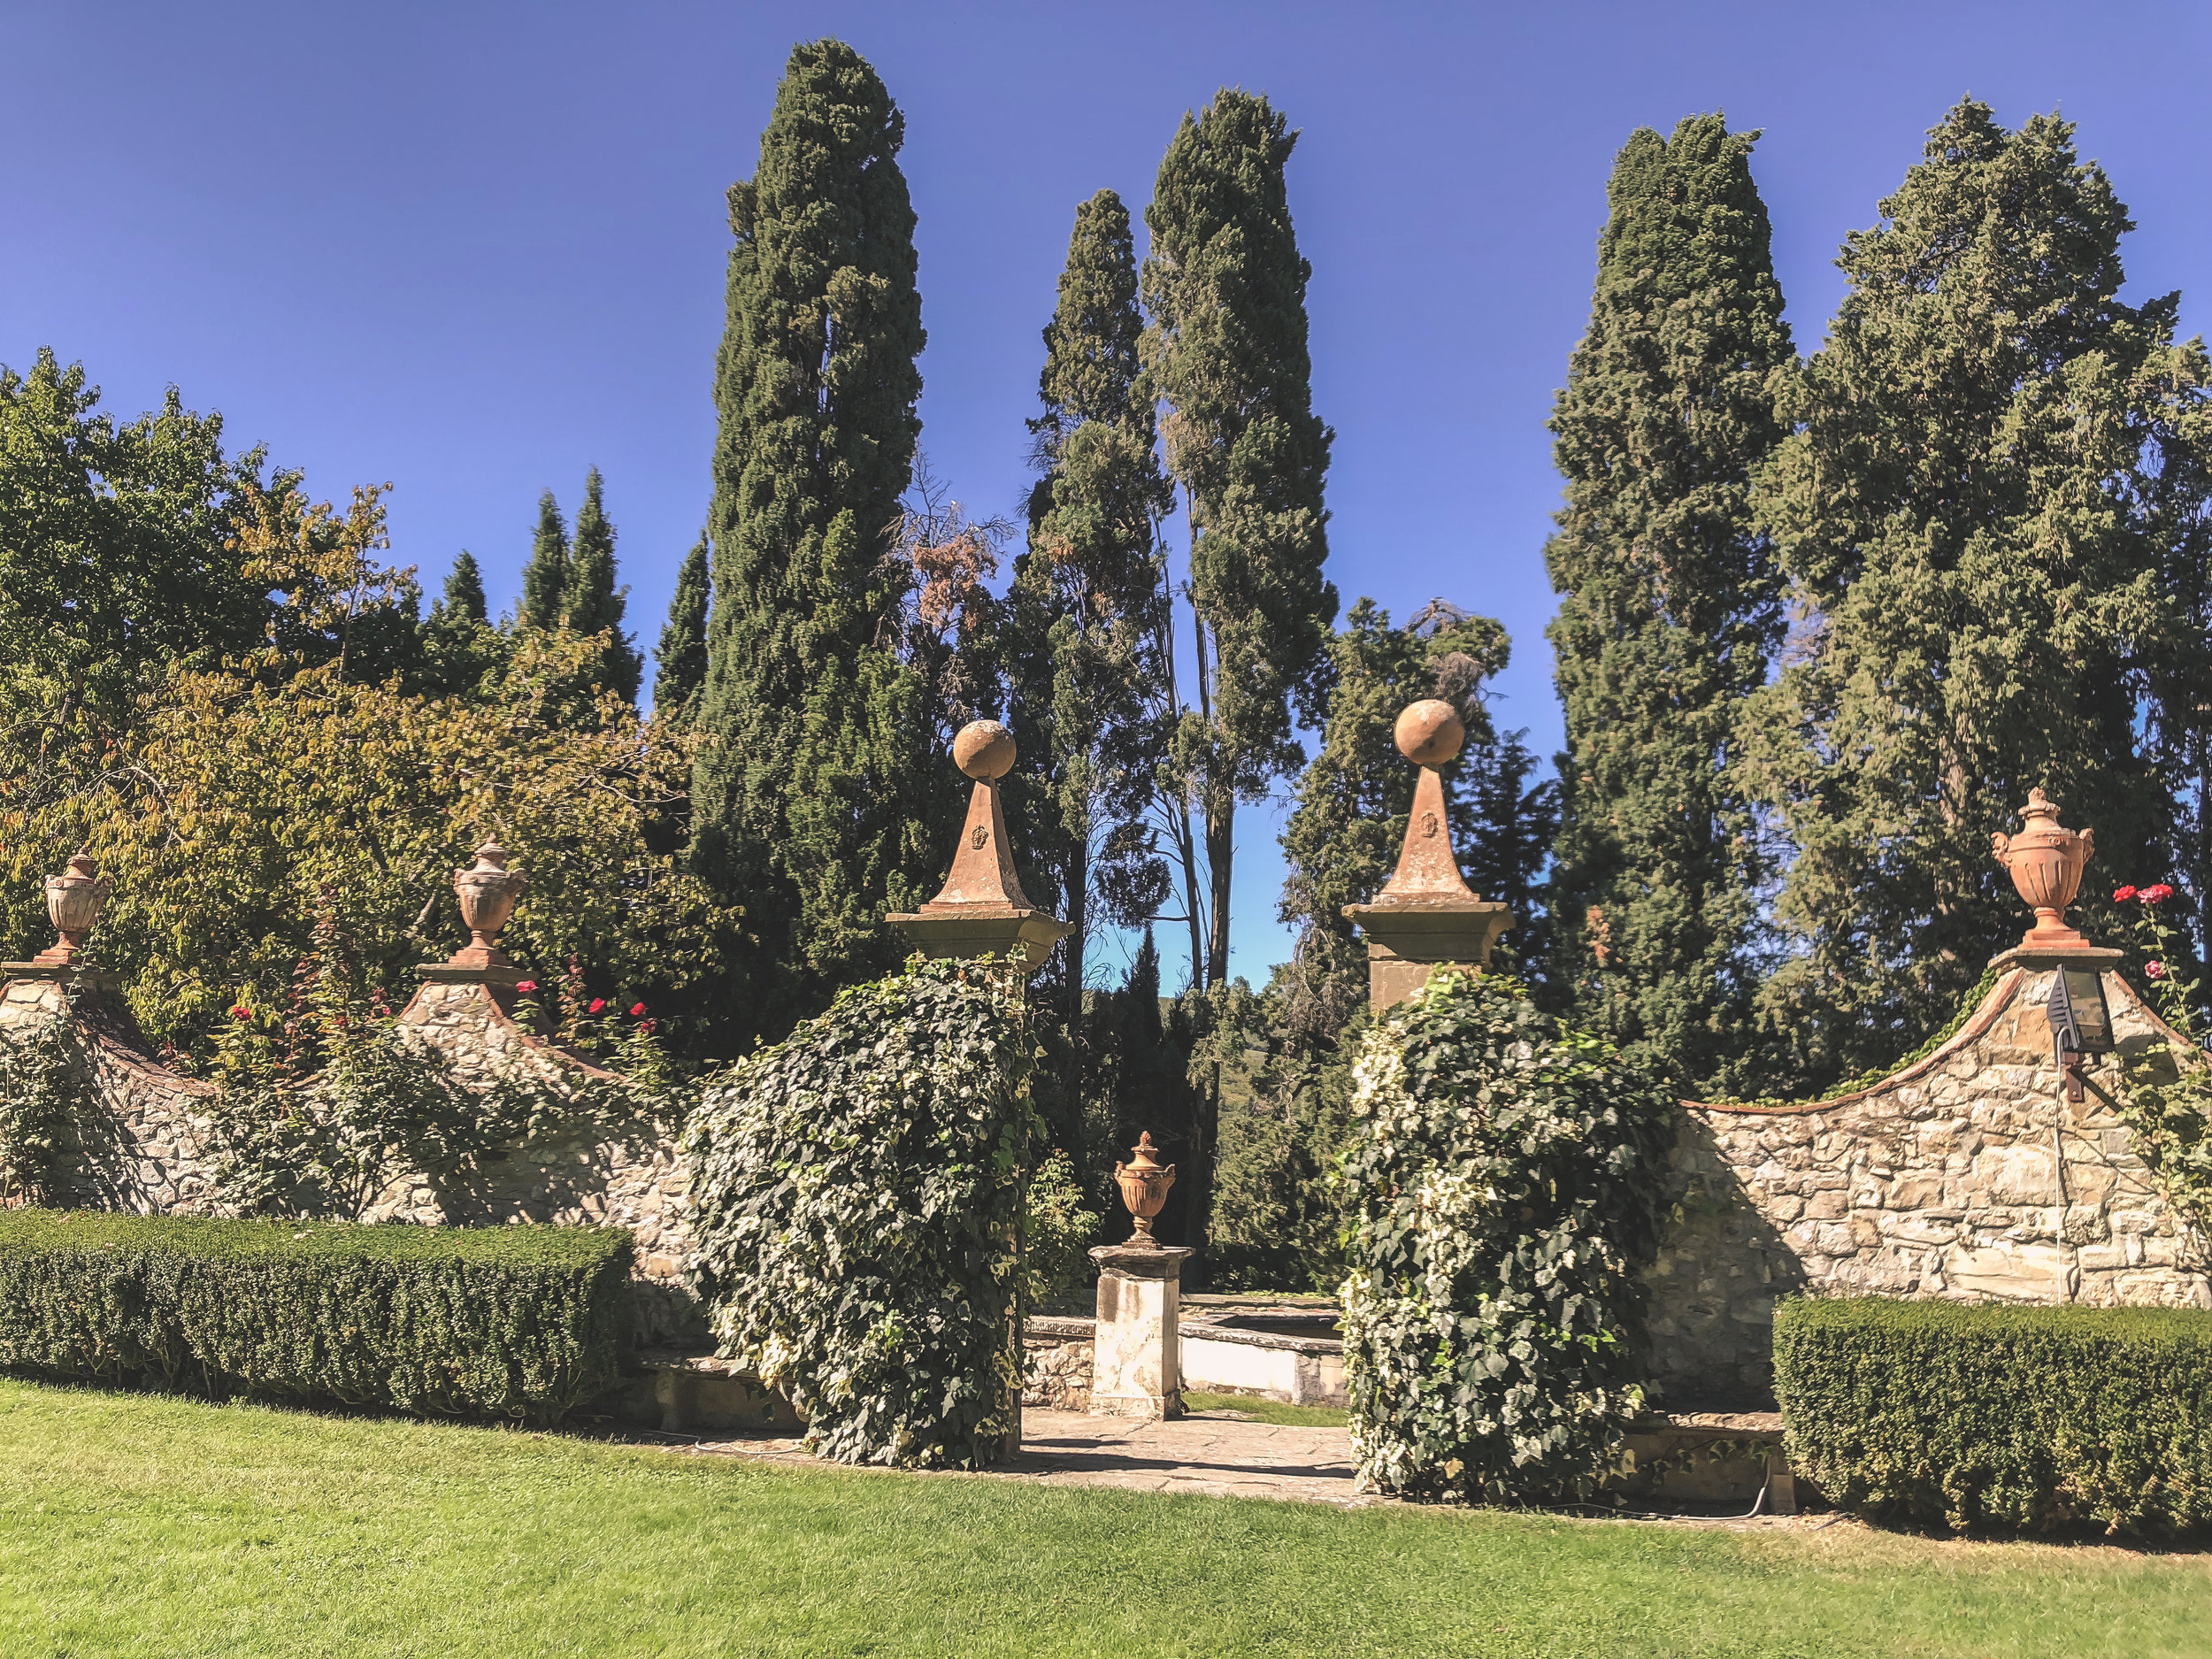 verrazzano winery, tuscany